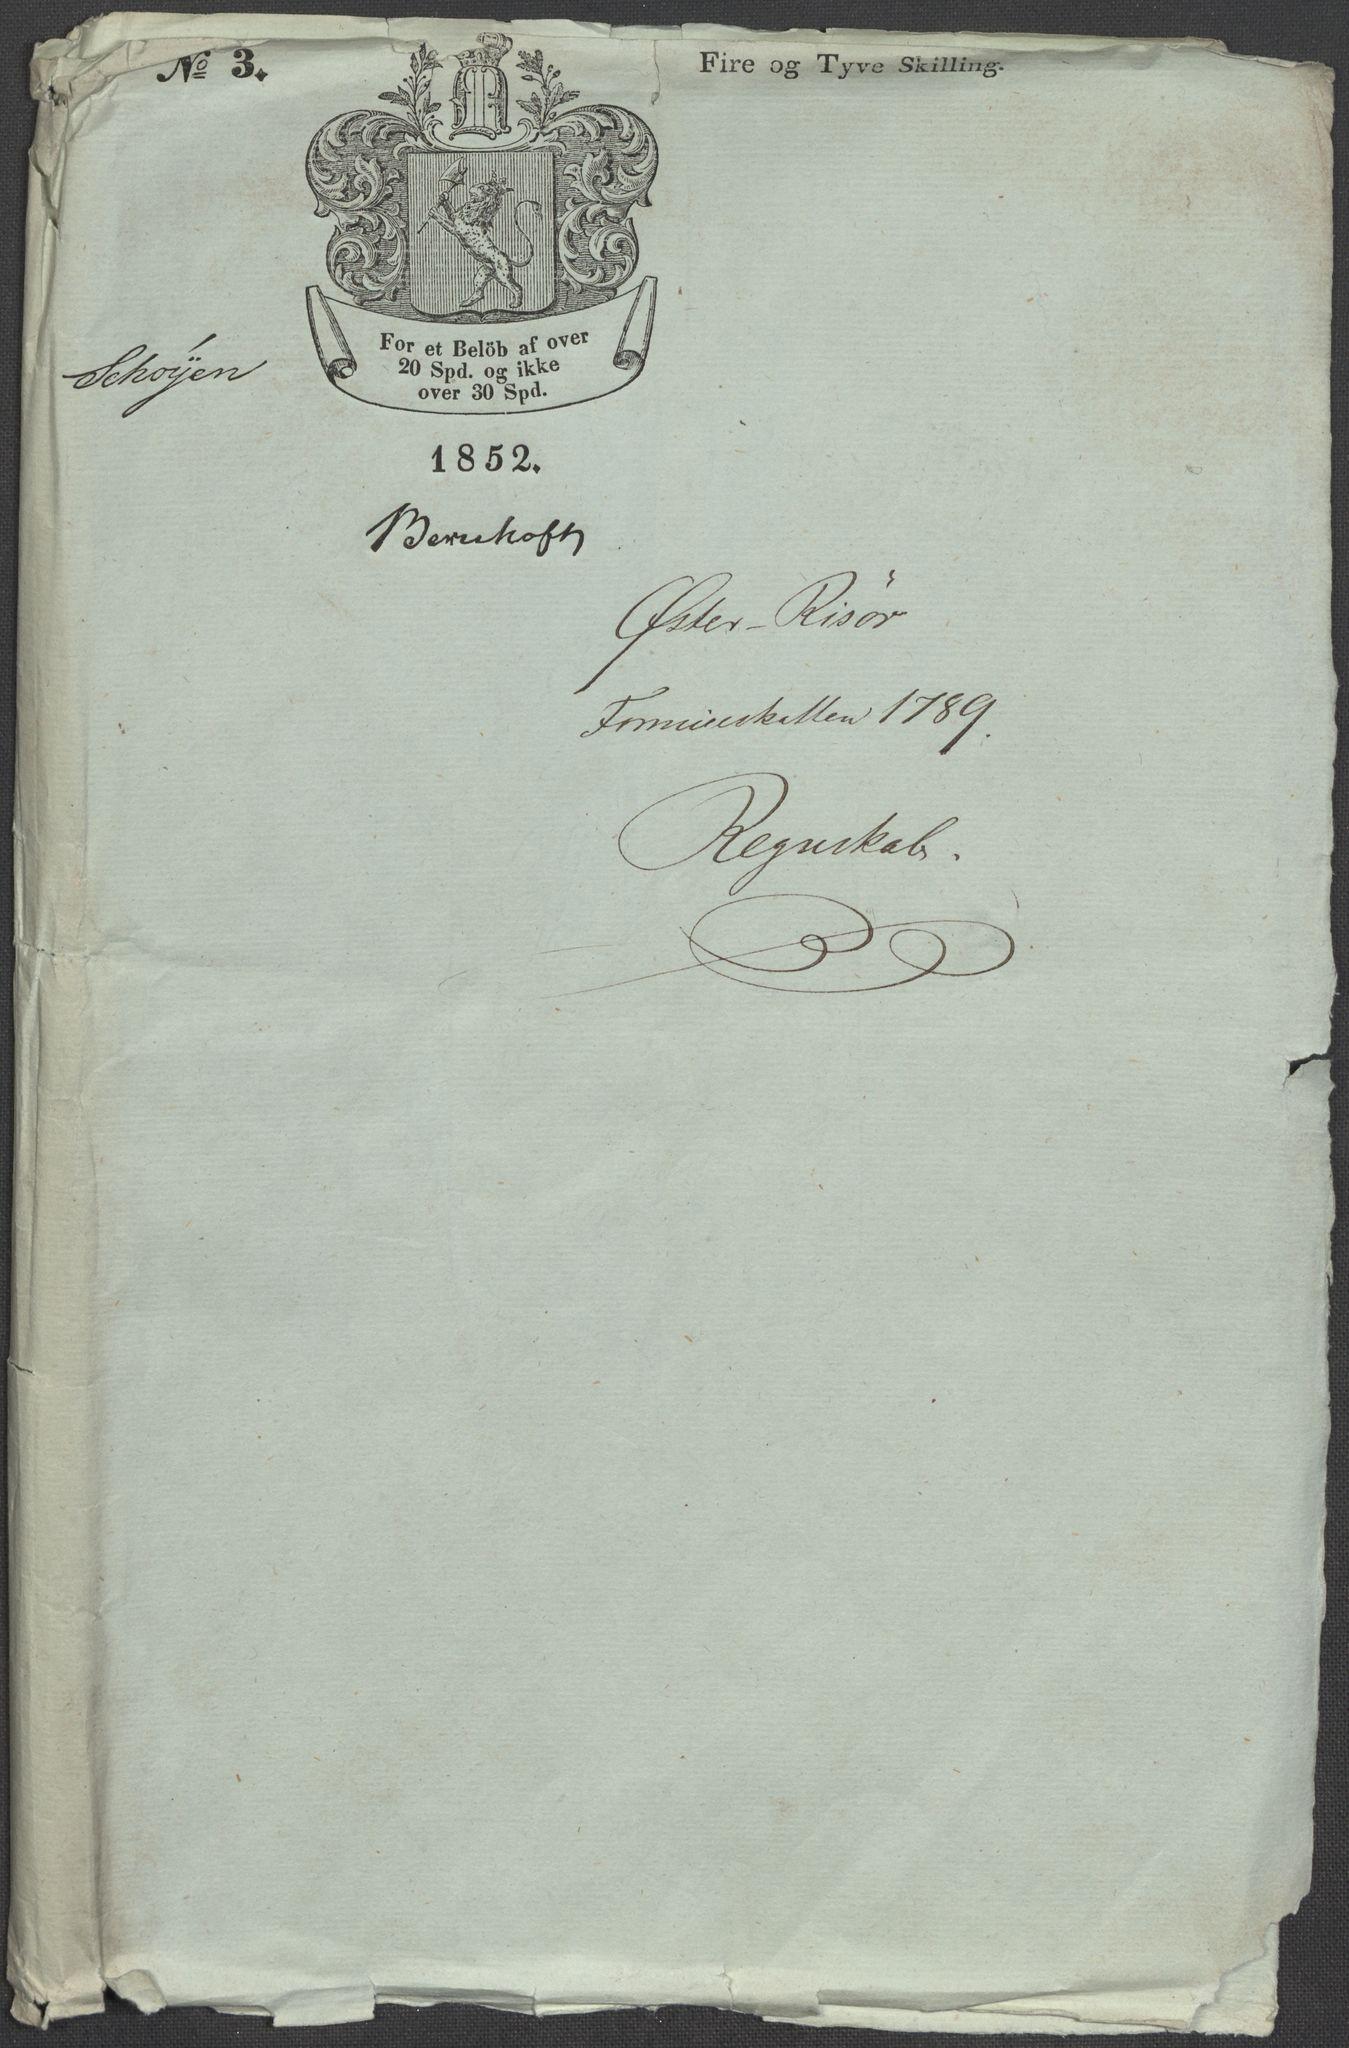 RA, Rentekammeret inntil 1814, Reviderte regnskaper, Mindre regnskaper, Rf/Rfe/L0038: (Øster) Risør, Romsdal fogderi, 1789, s. 3